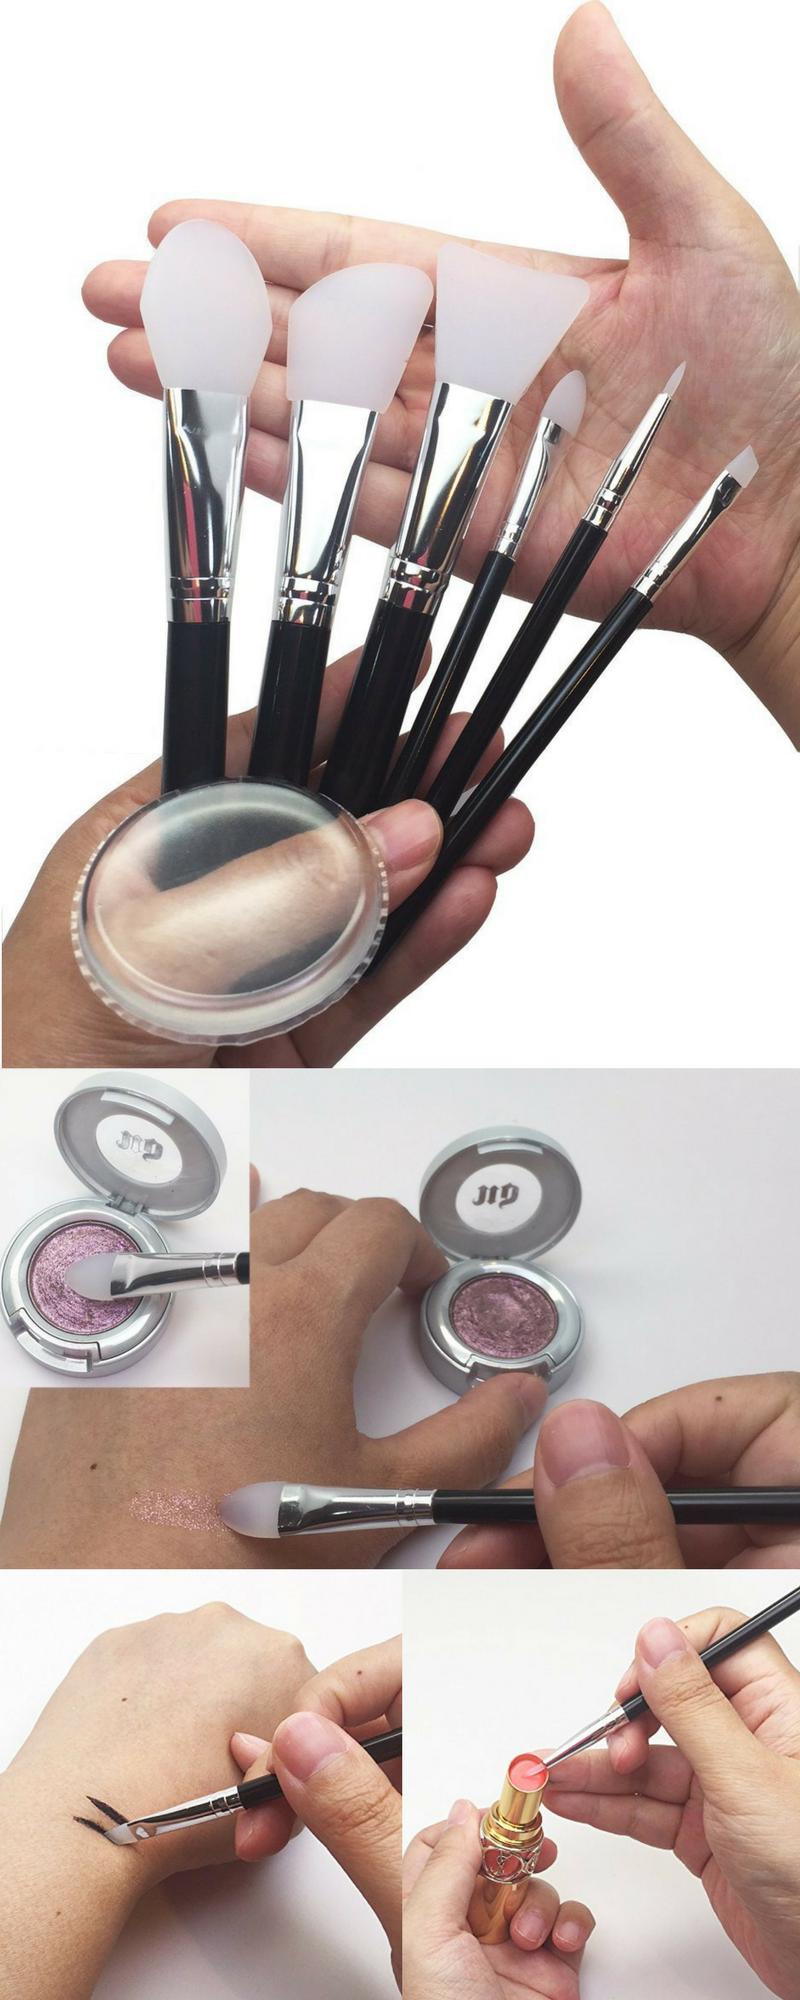 7 Pcs Clear Silicone Sponge Makeup Brush Set + Silisponge